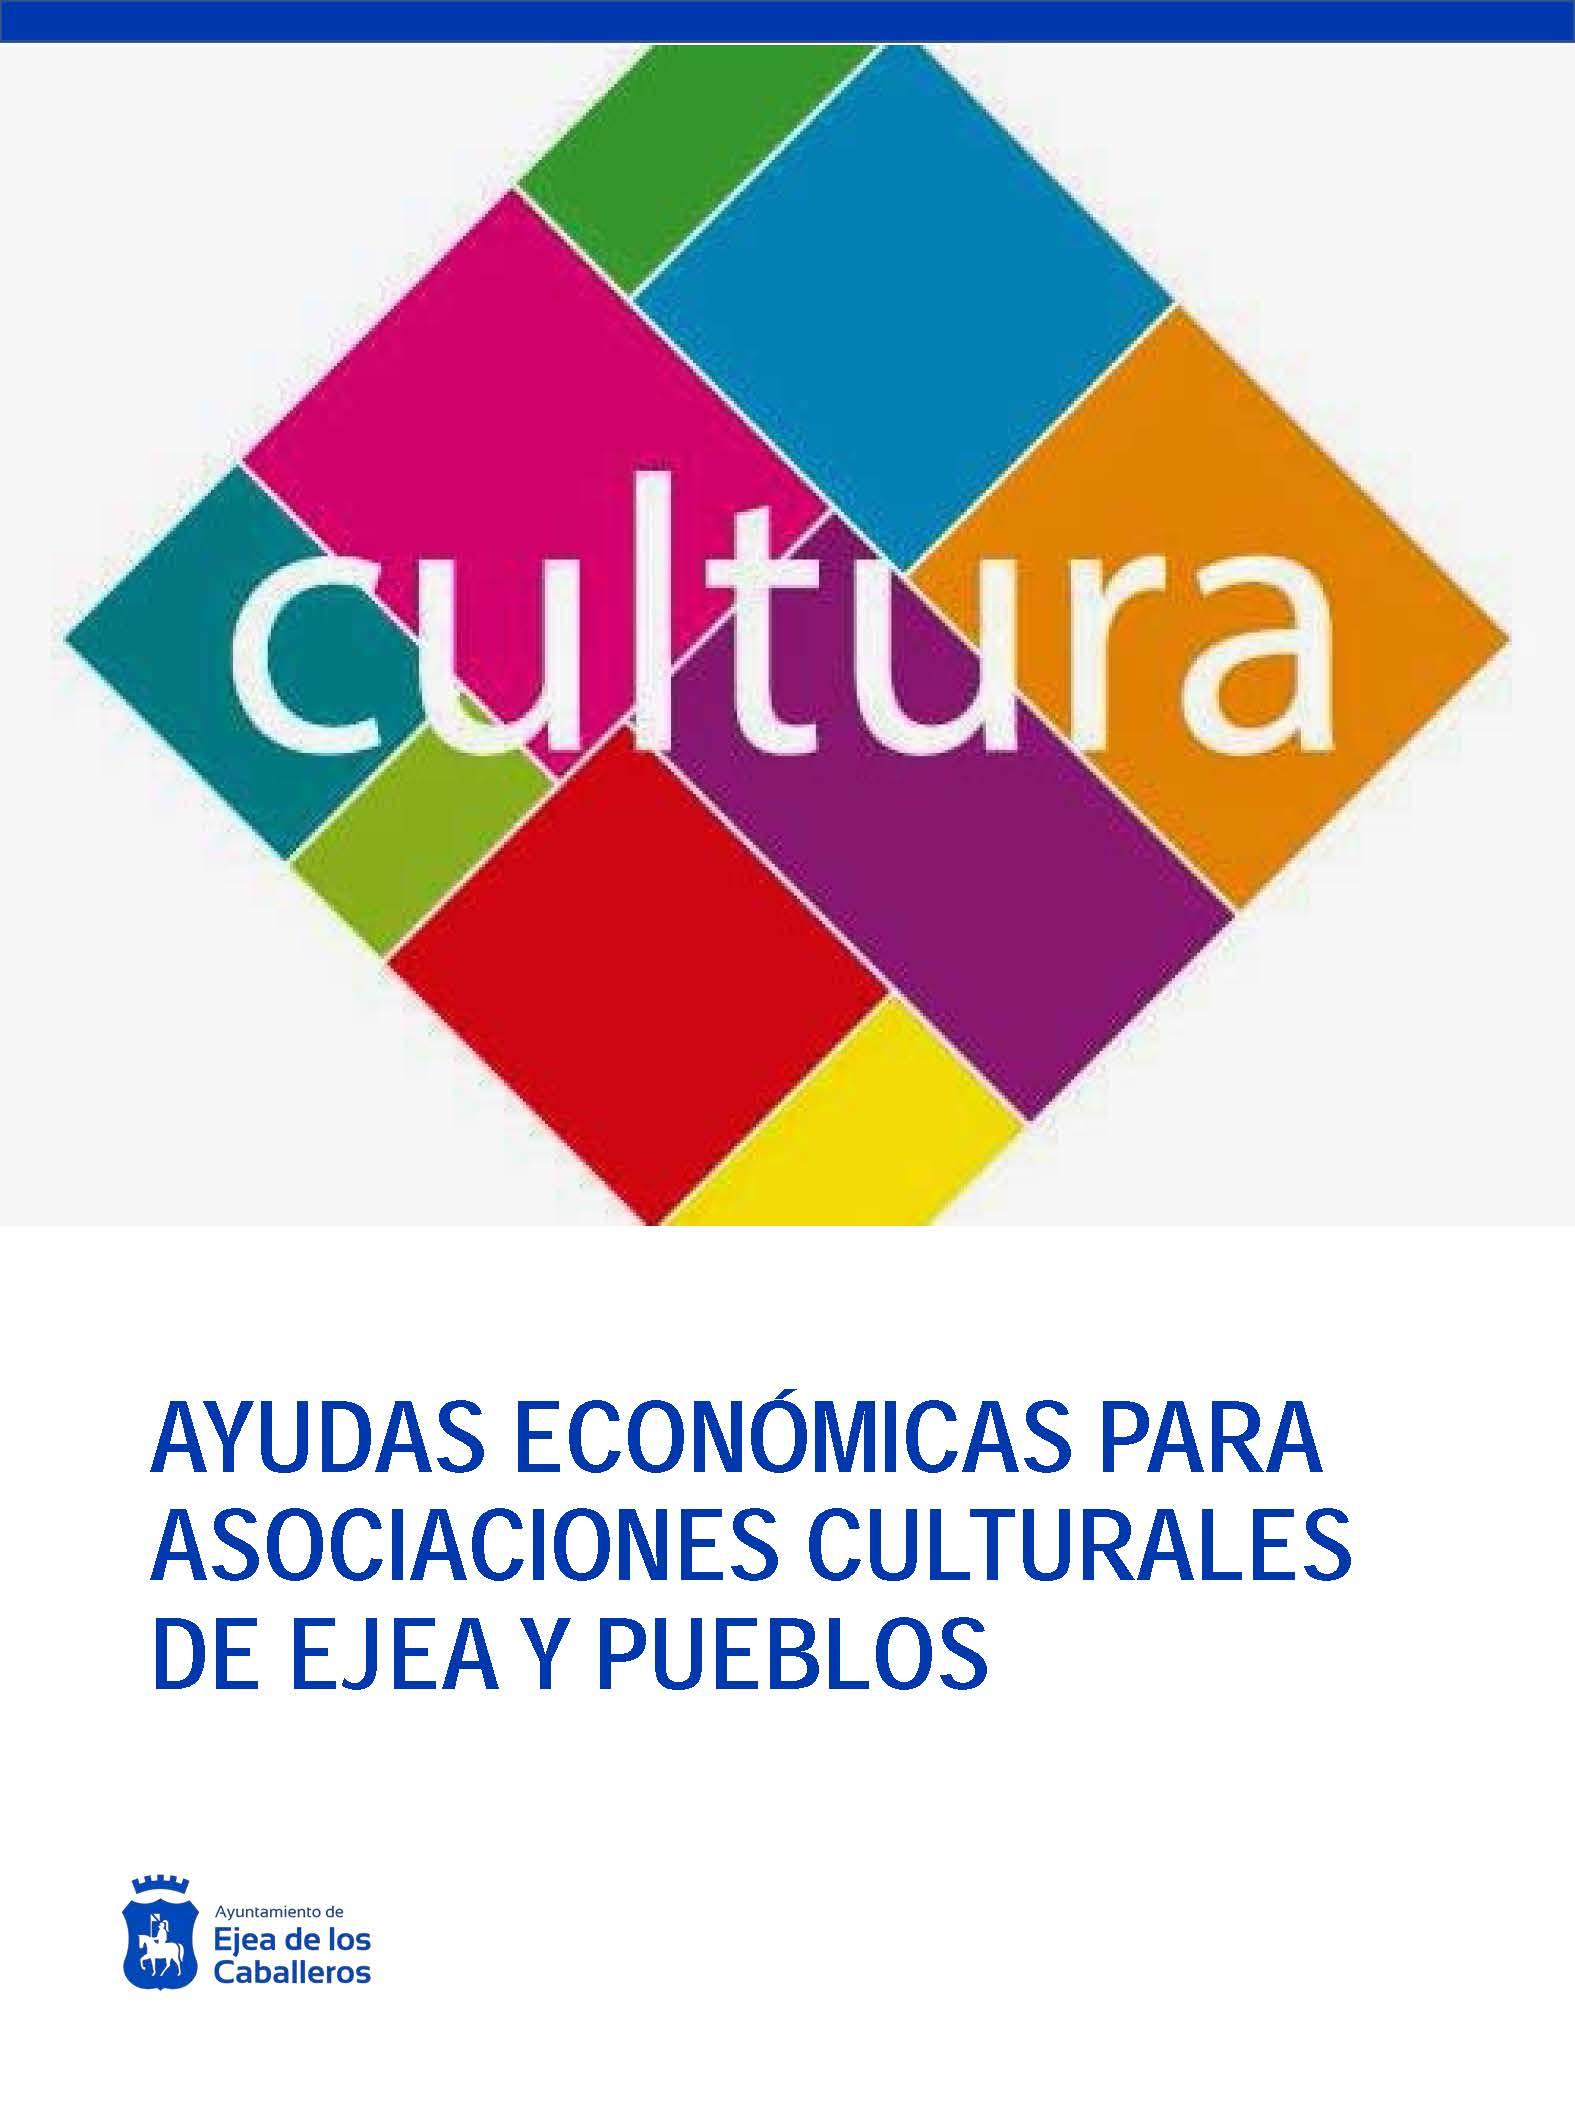 El Ayuntamiento de Ejea concede 15.000 € a varias Asociaciones Culturales de Ejea y sus Pueblos